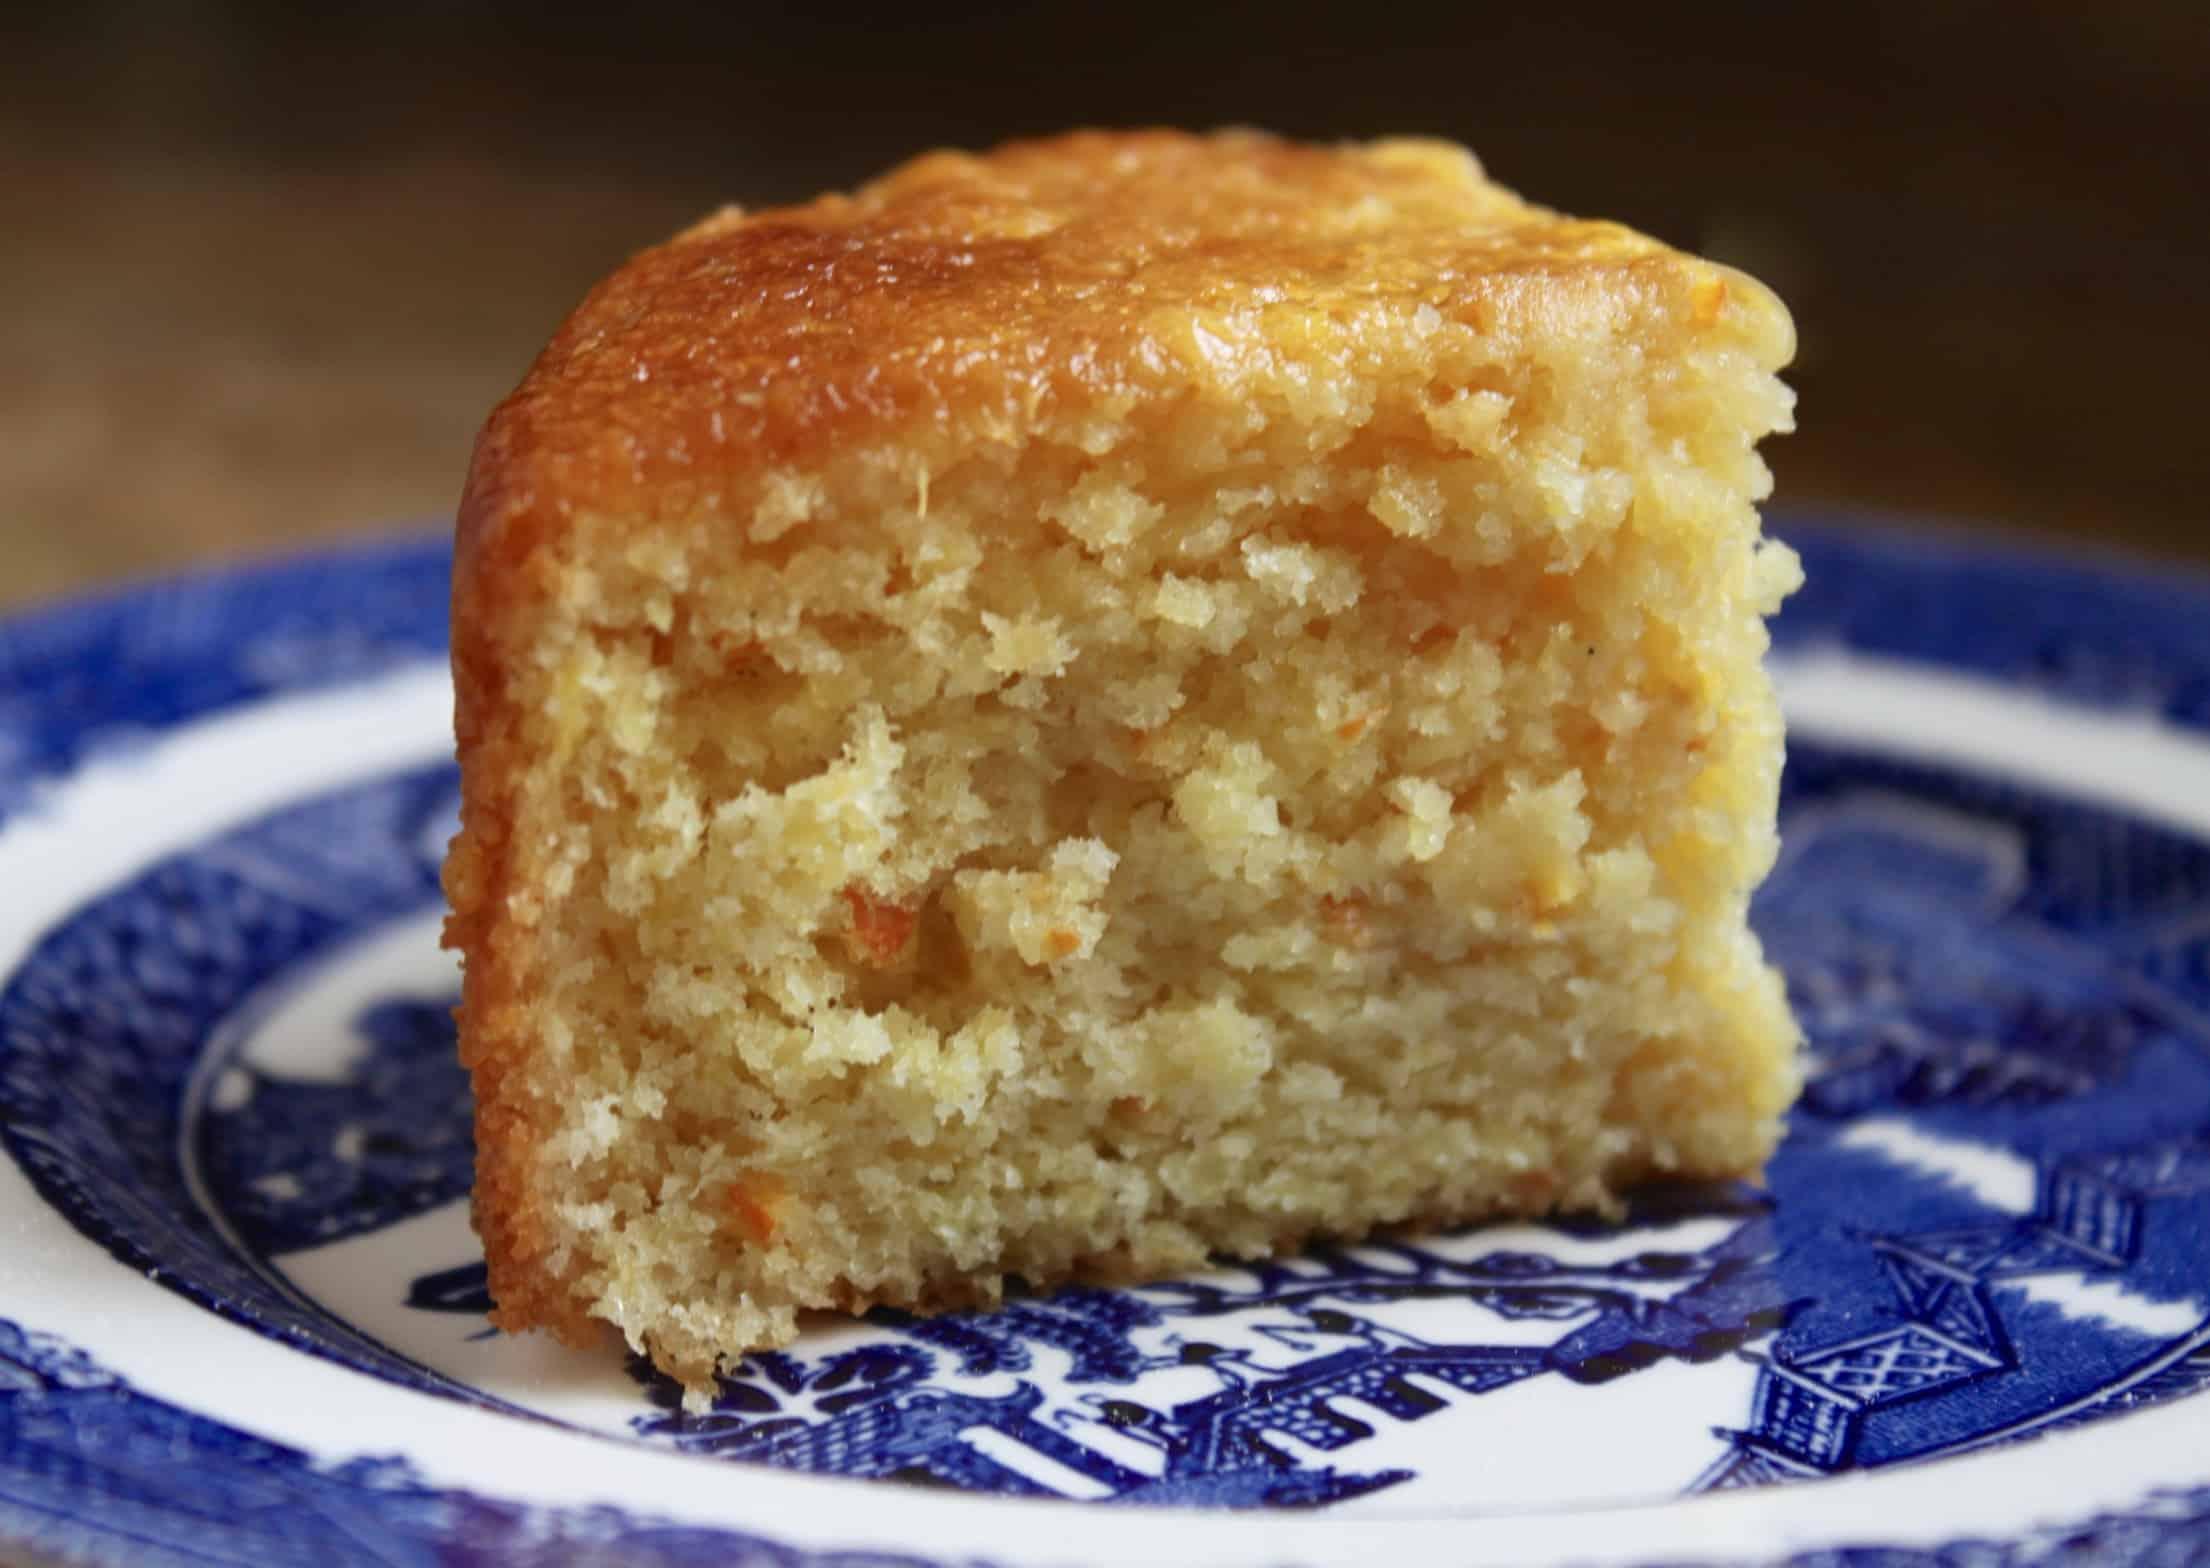 slice of Sicilian Orange Cake